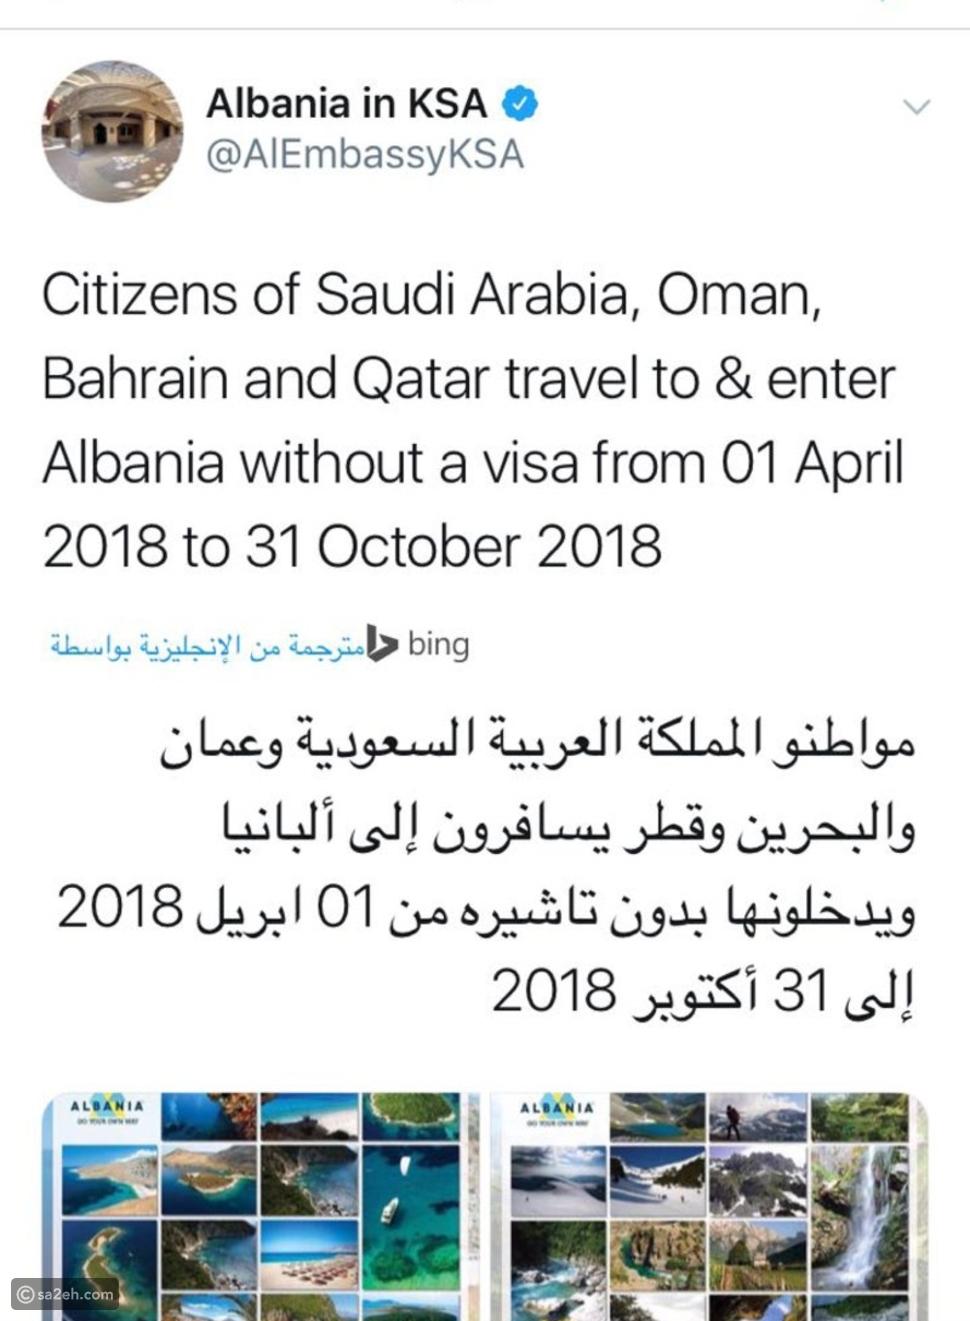 رسمياً ولأول مرة.. إلغاء تأشيرة دخول السعوديين إلى ألبانيا